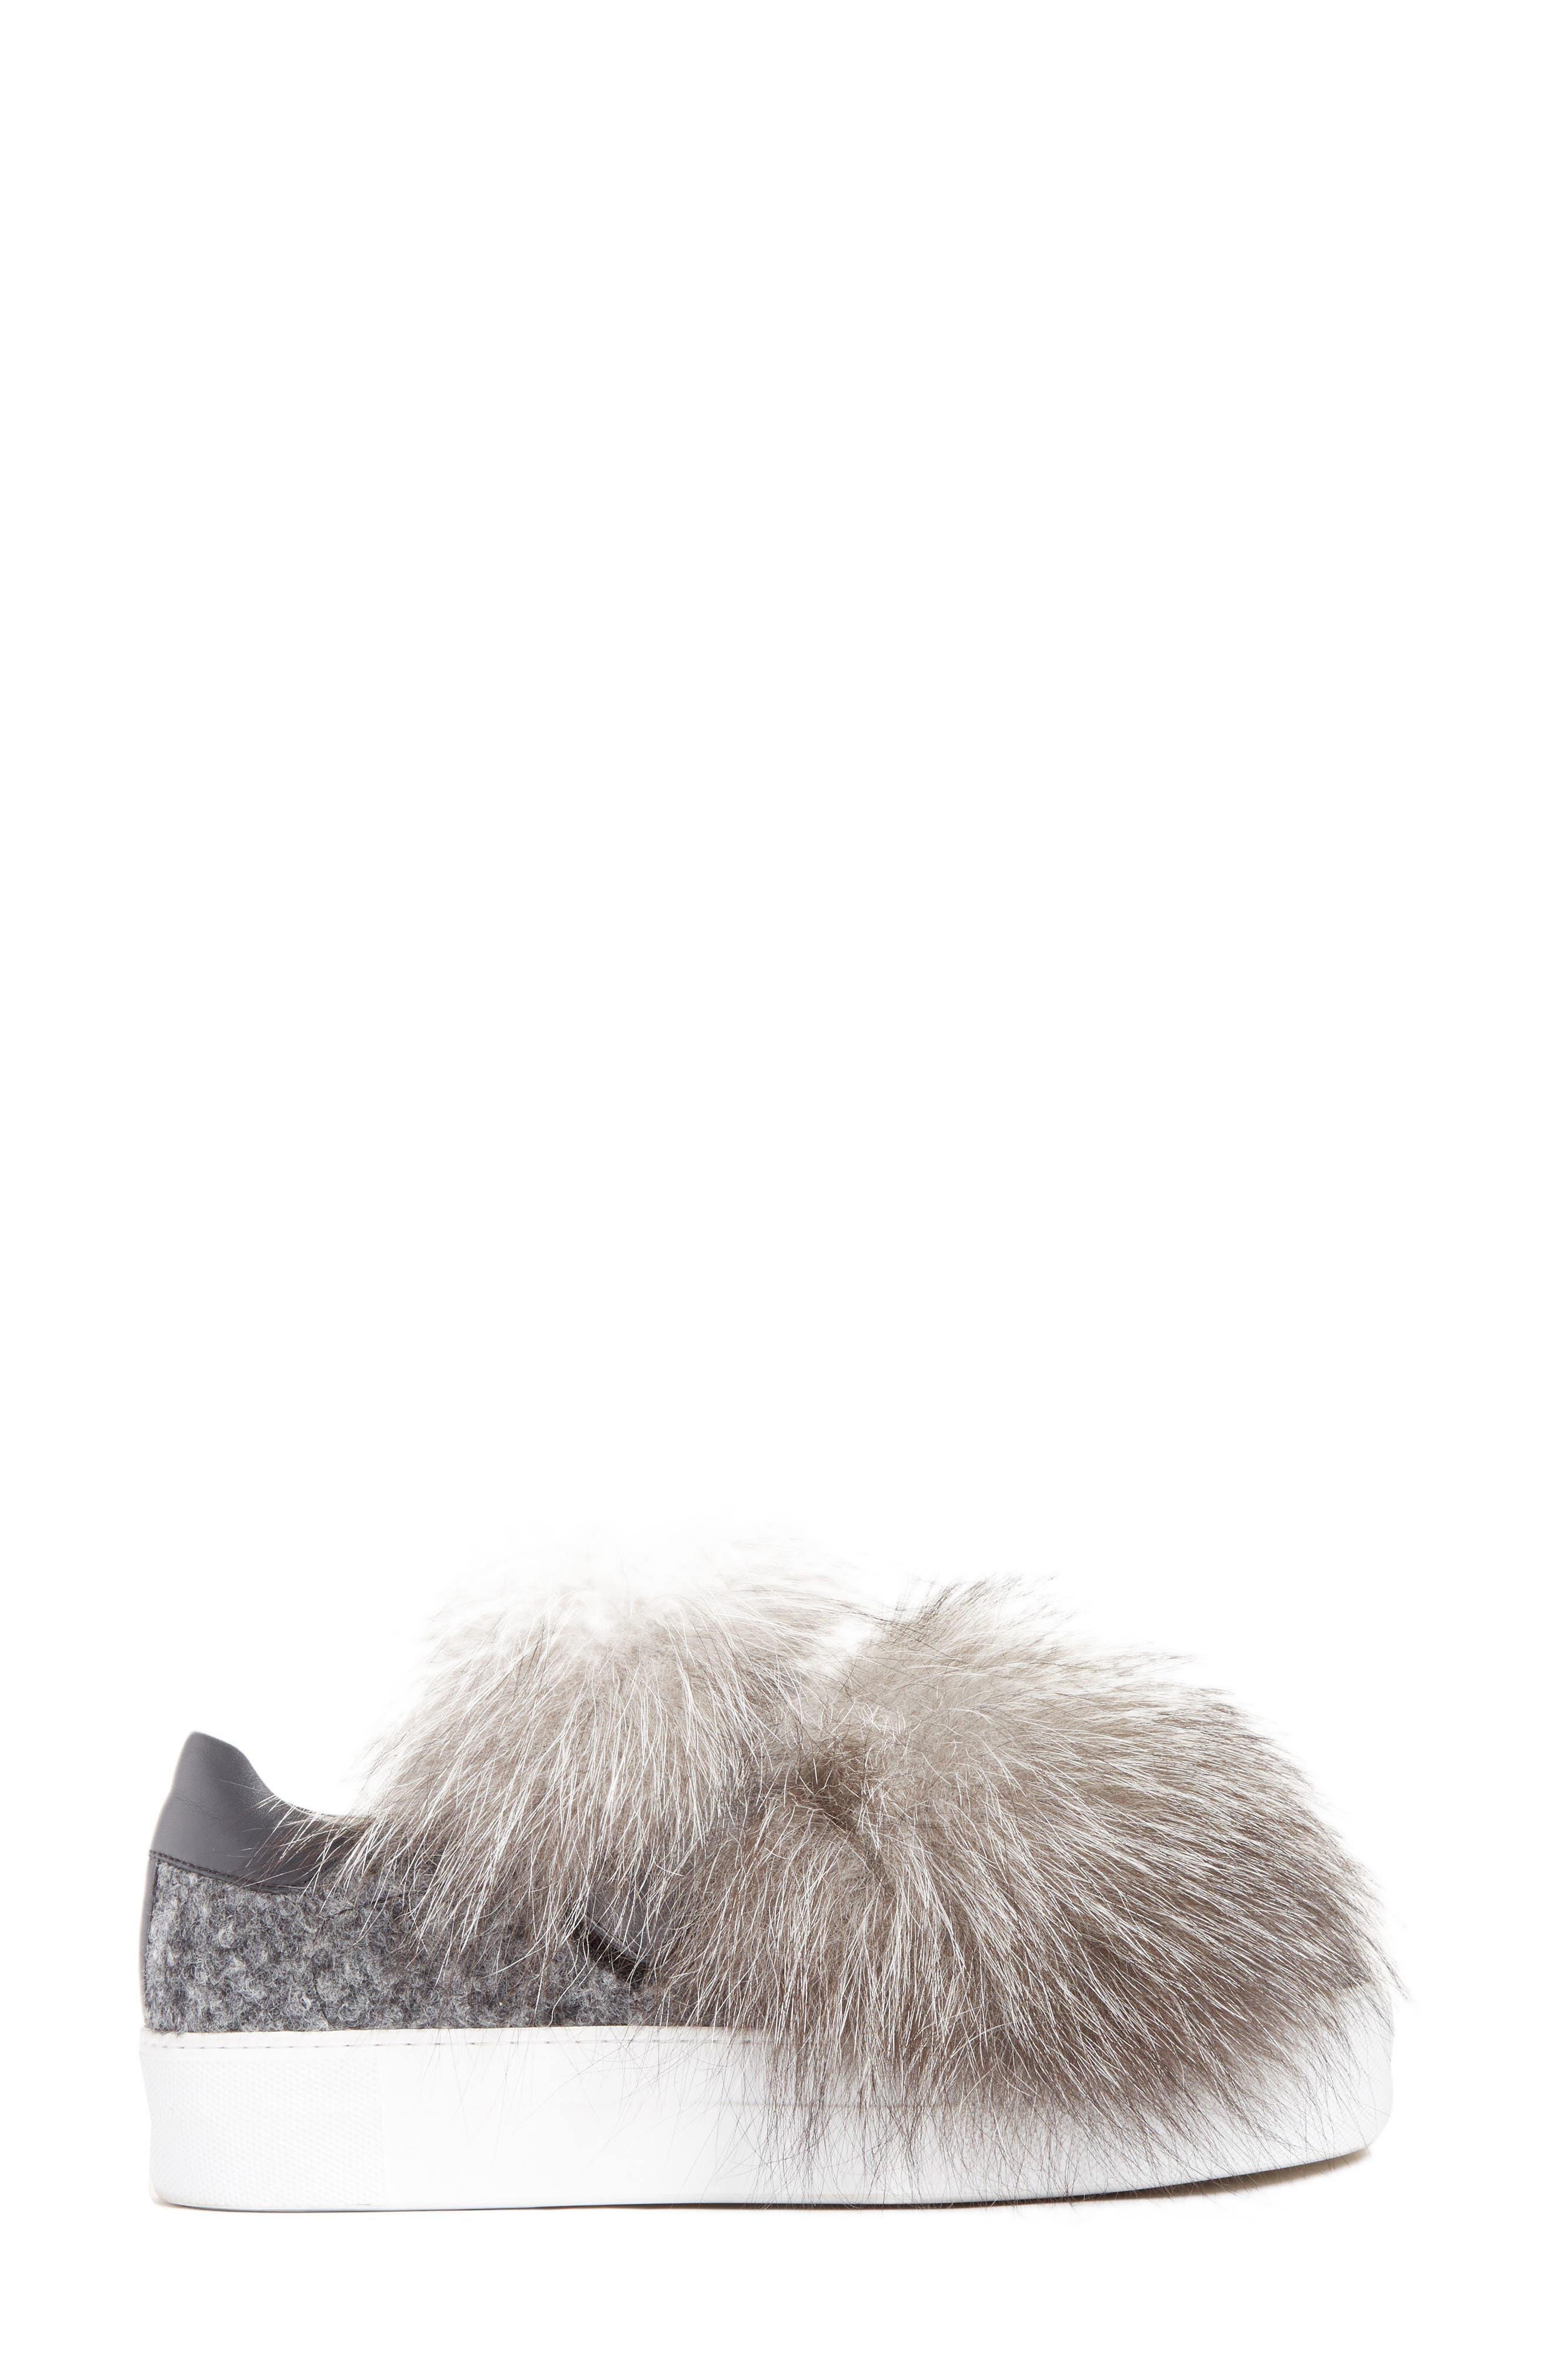 Victoire Genuine Fox Fur Slip-On Sneaker,                             Alternate thumbnail 3, color,                             020